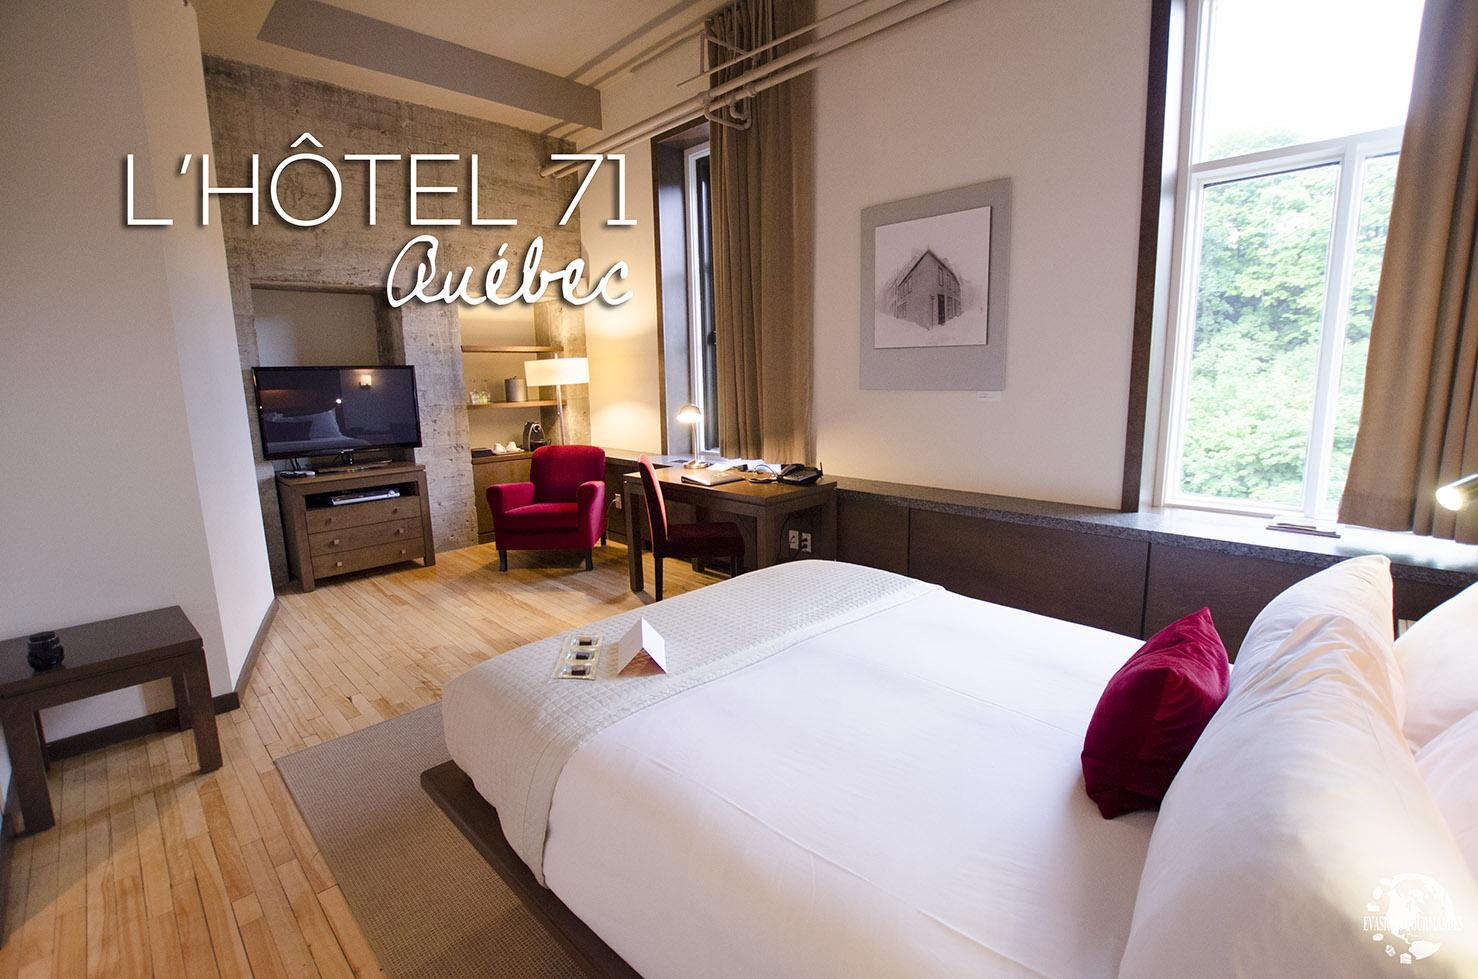 Hôtel 71 Québec